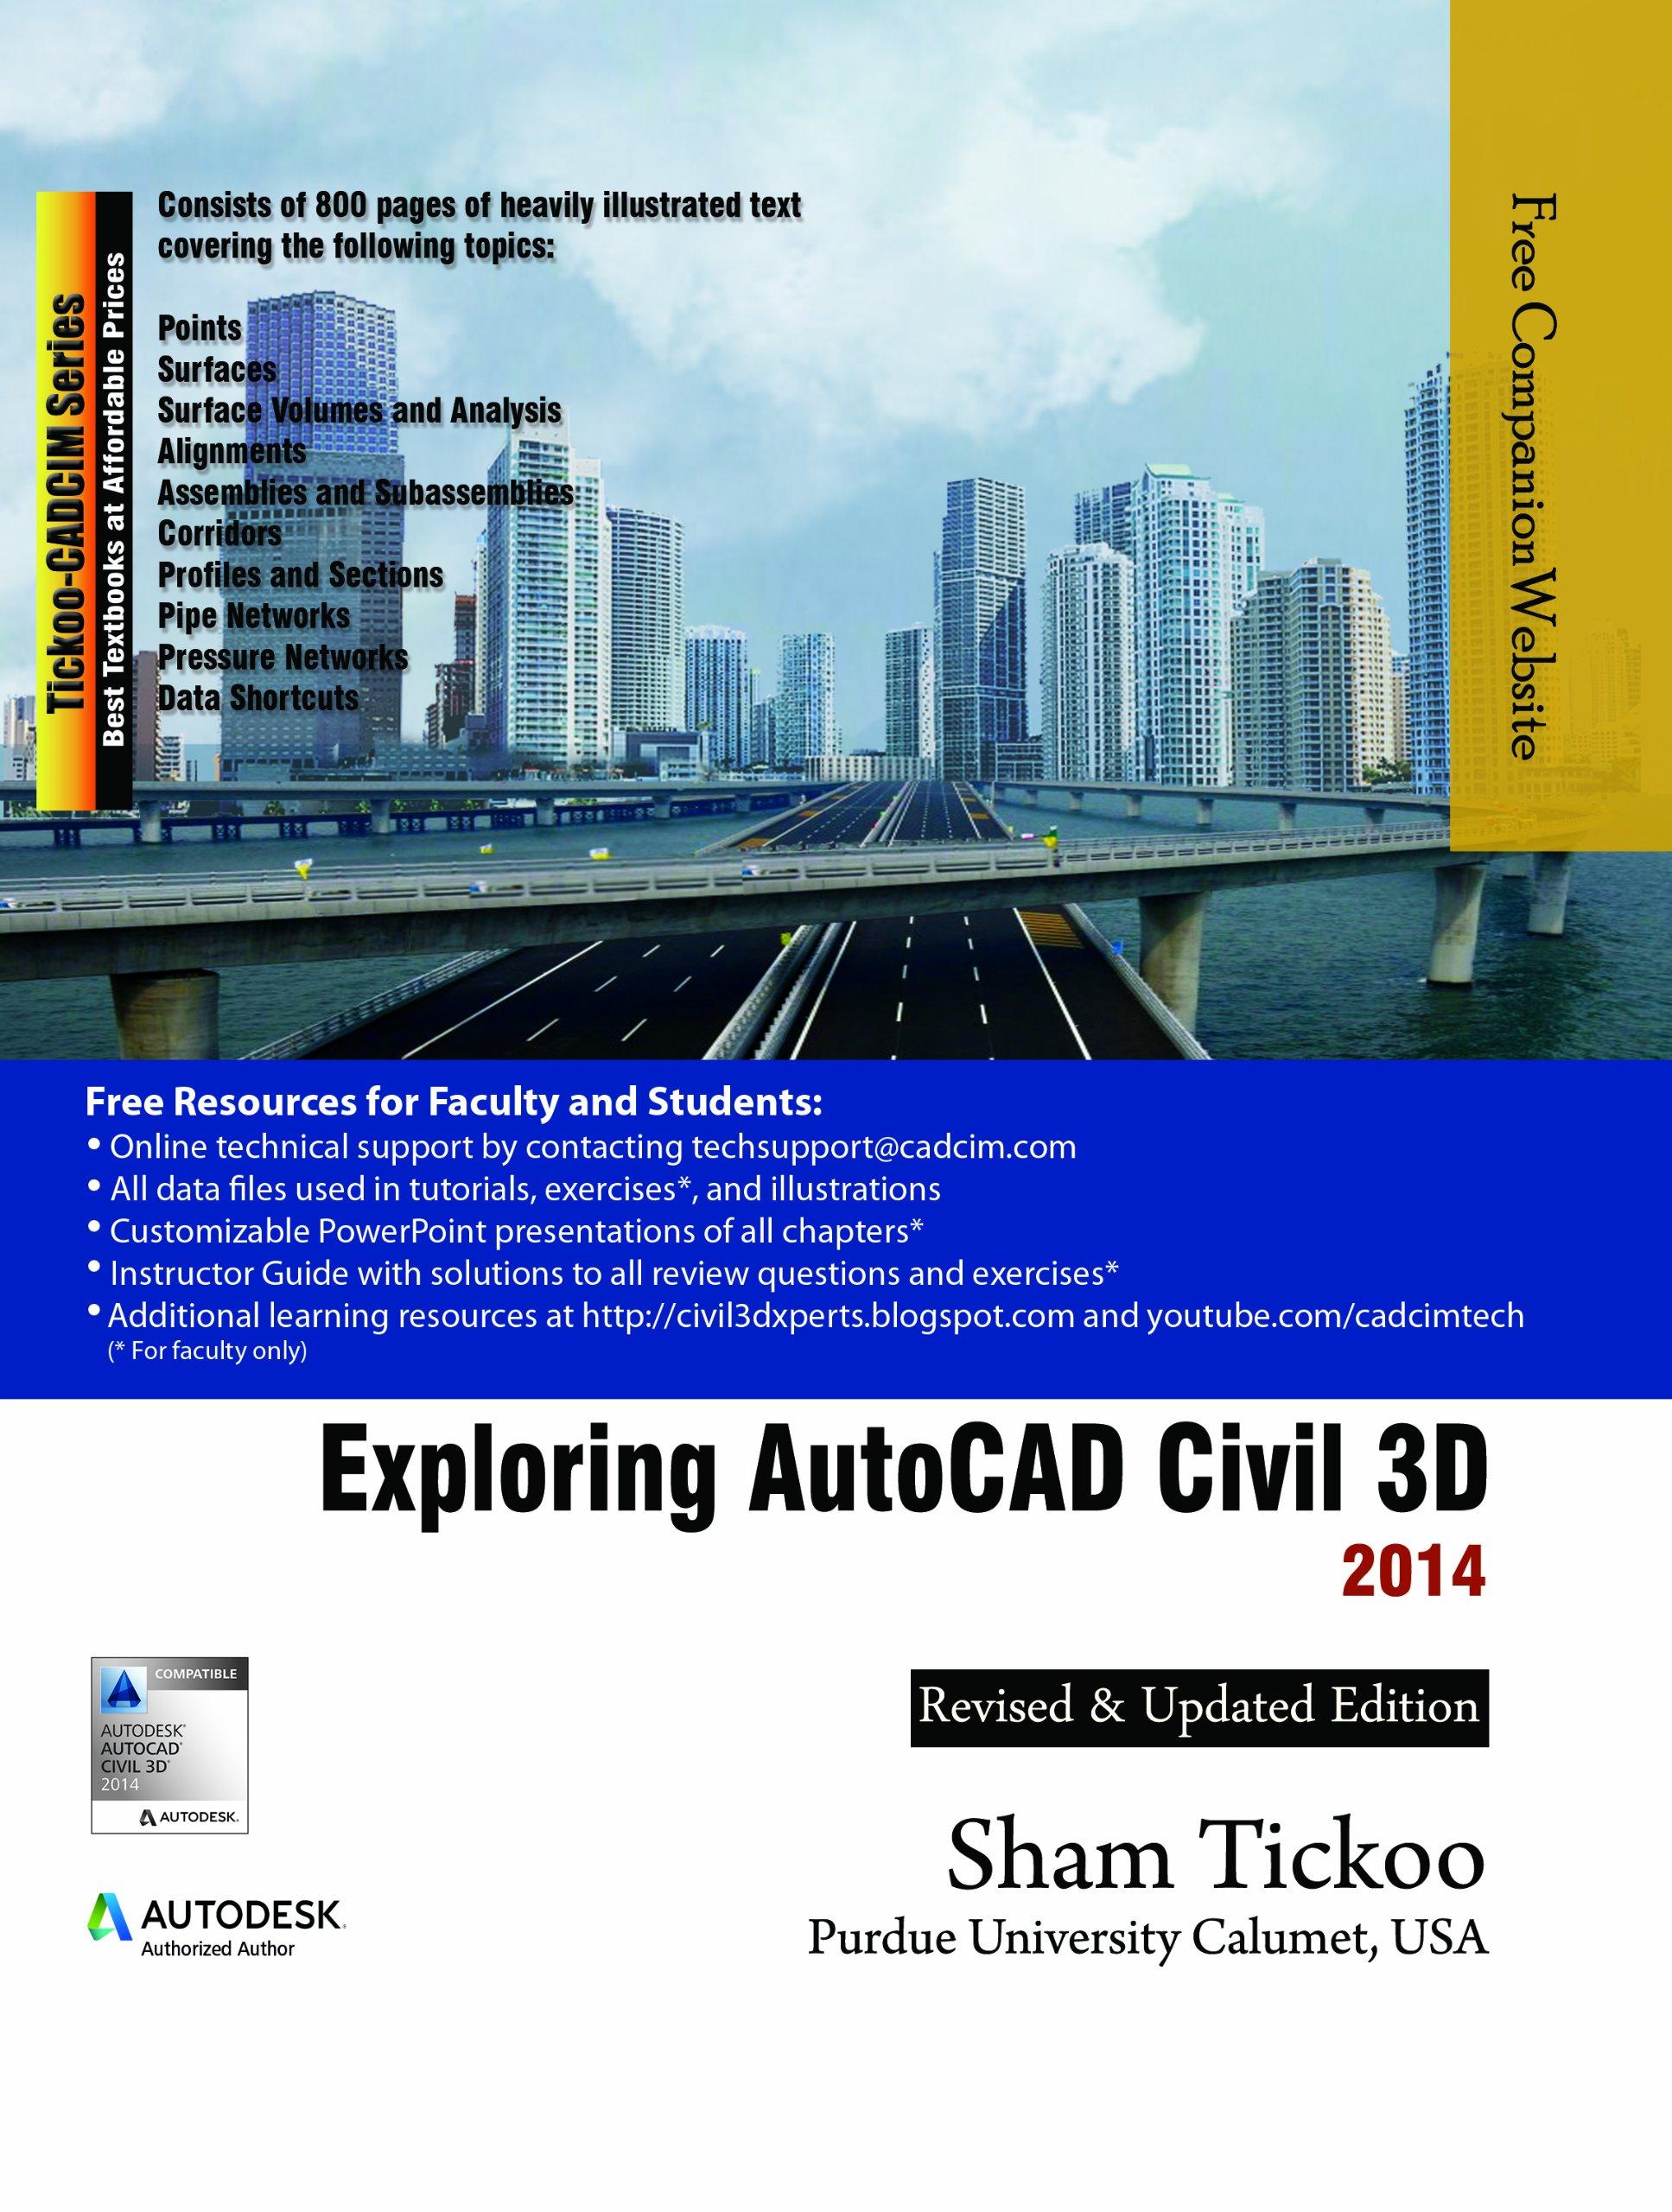 Exploring AutoCAD Civil 3D 2014 ebook